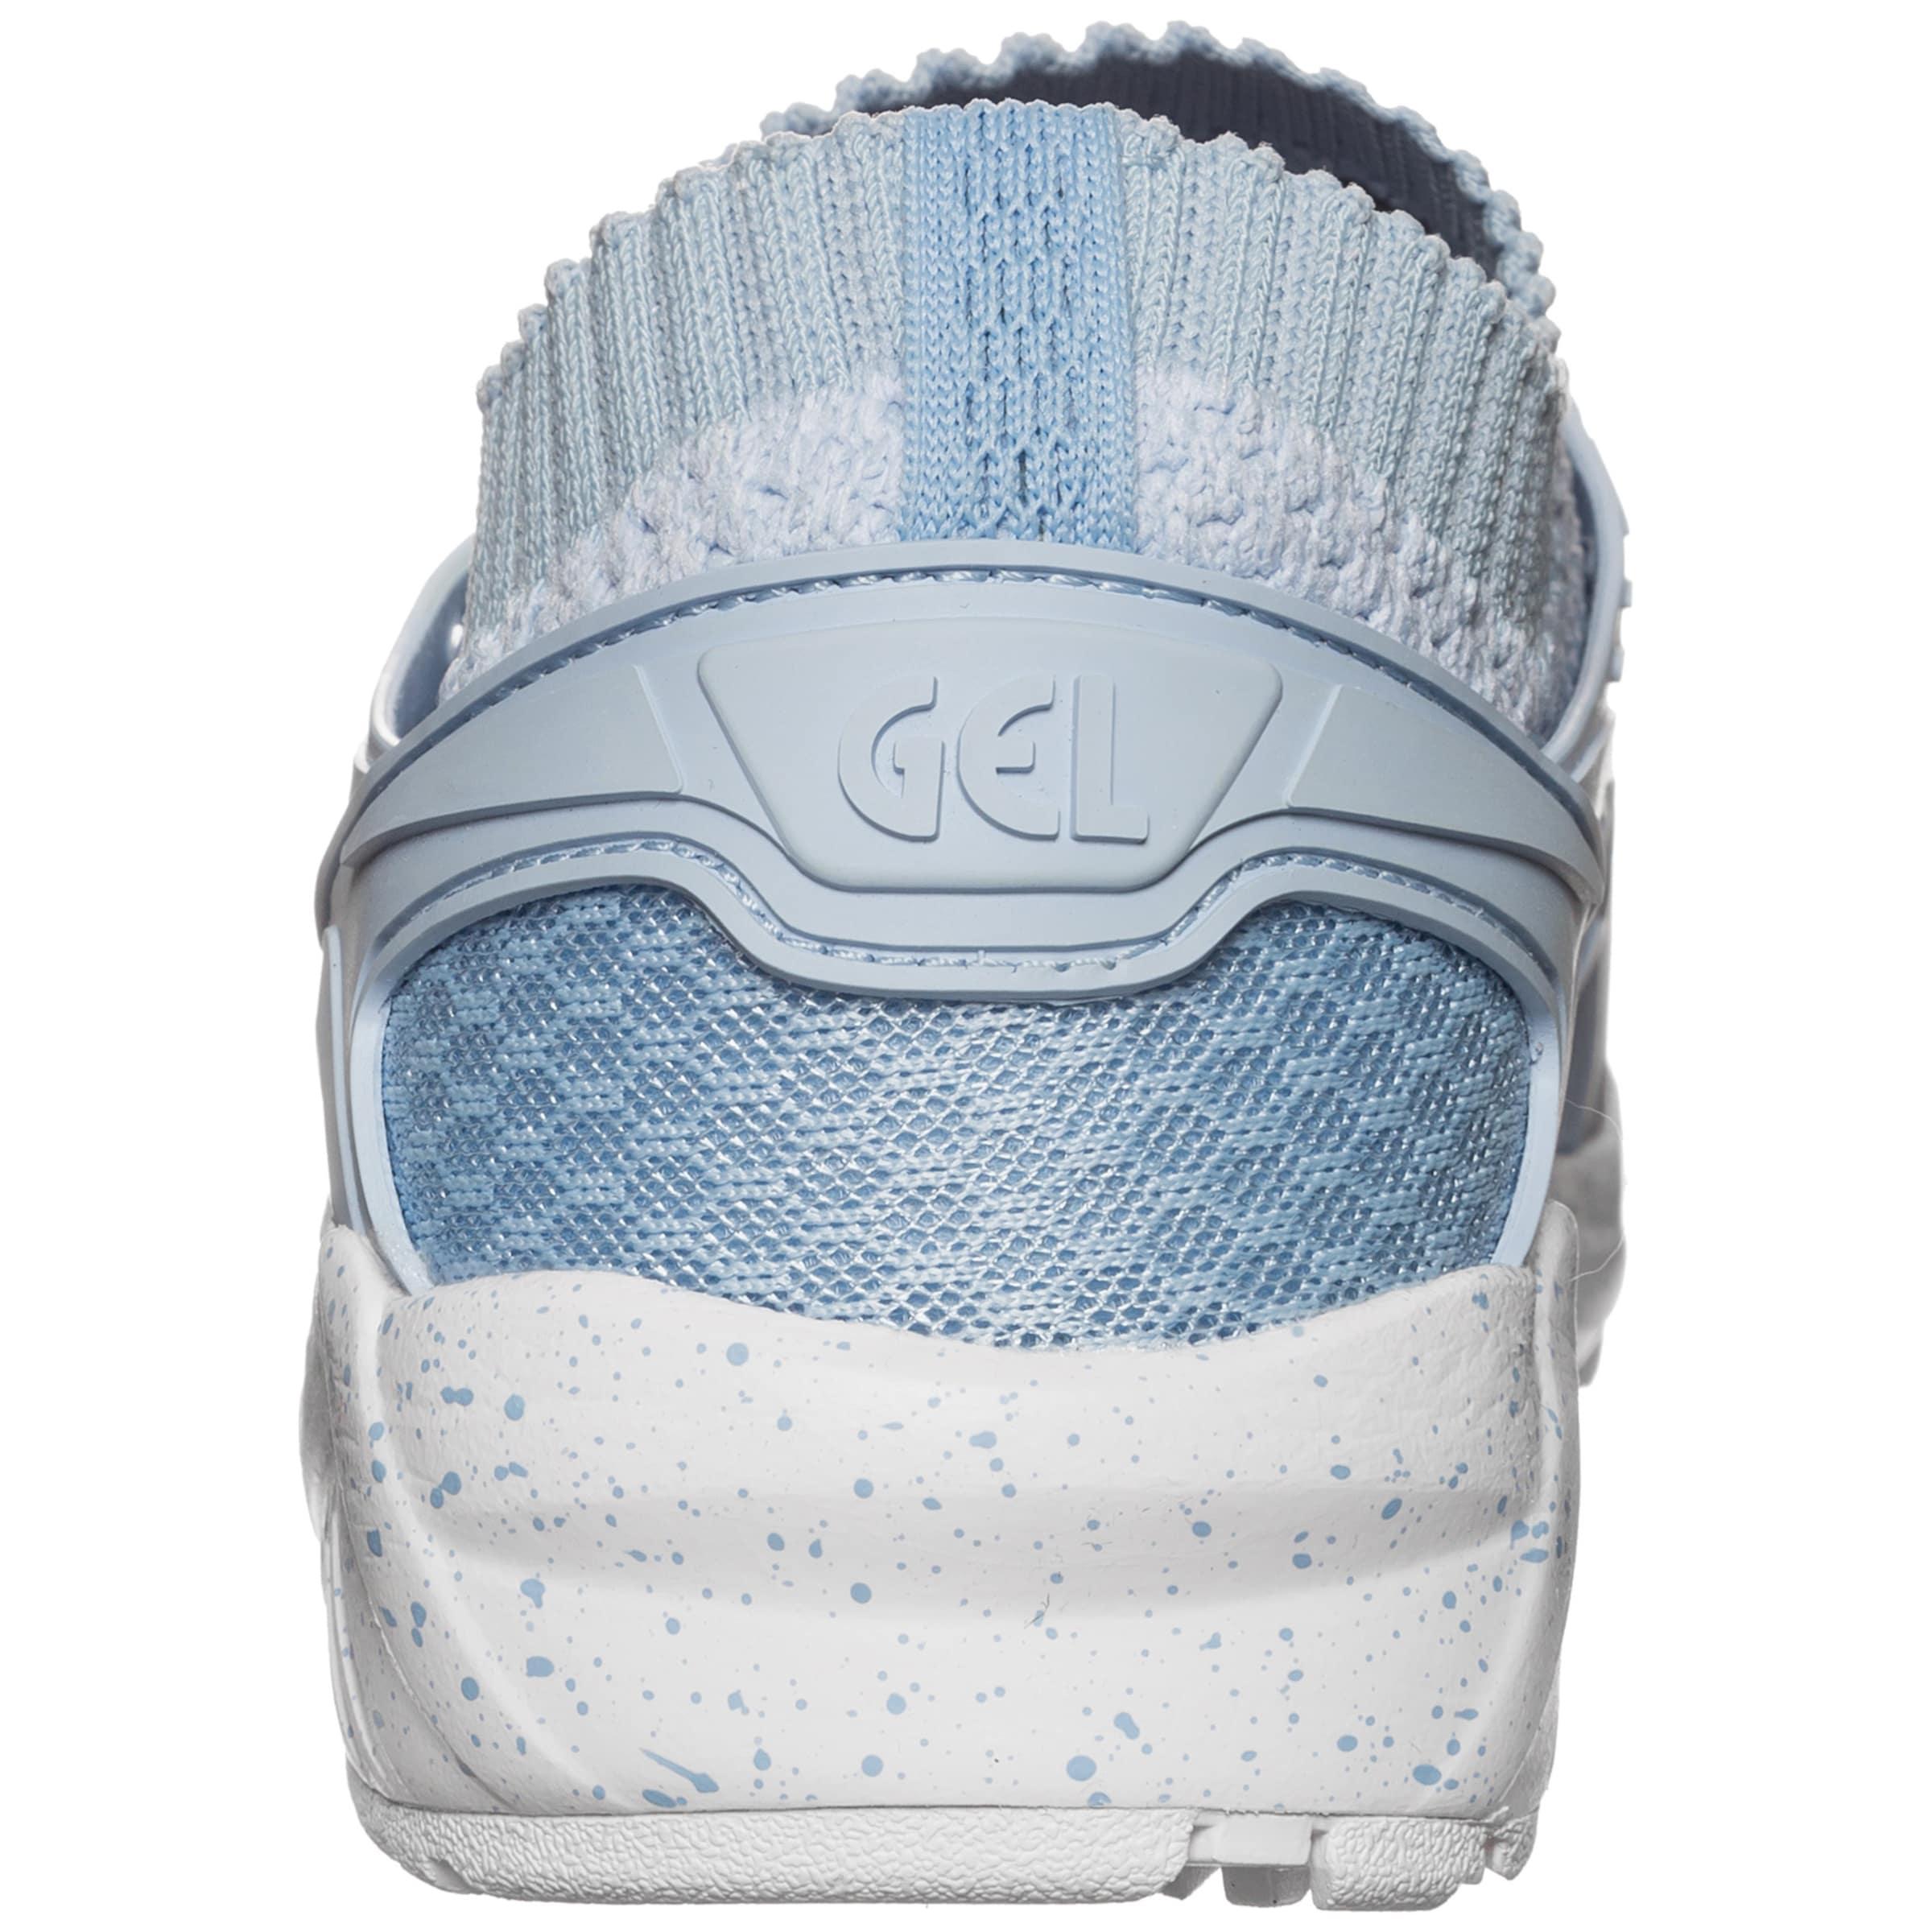 Finish Günstig Online ASICS Sneaker 'Gel-Kayano Trainer Knit' 2018 Neue Günstig Kaufen Spielraum Kosten Online Mrj6TqYVeq